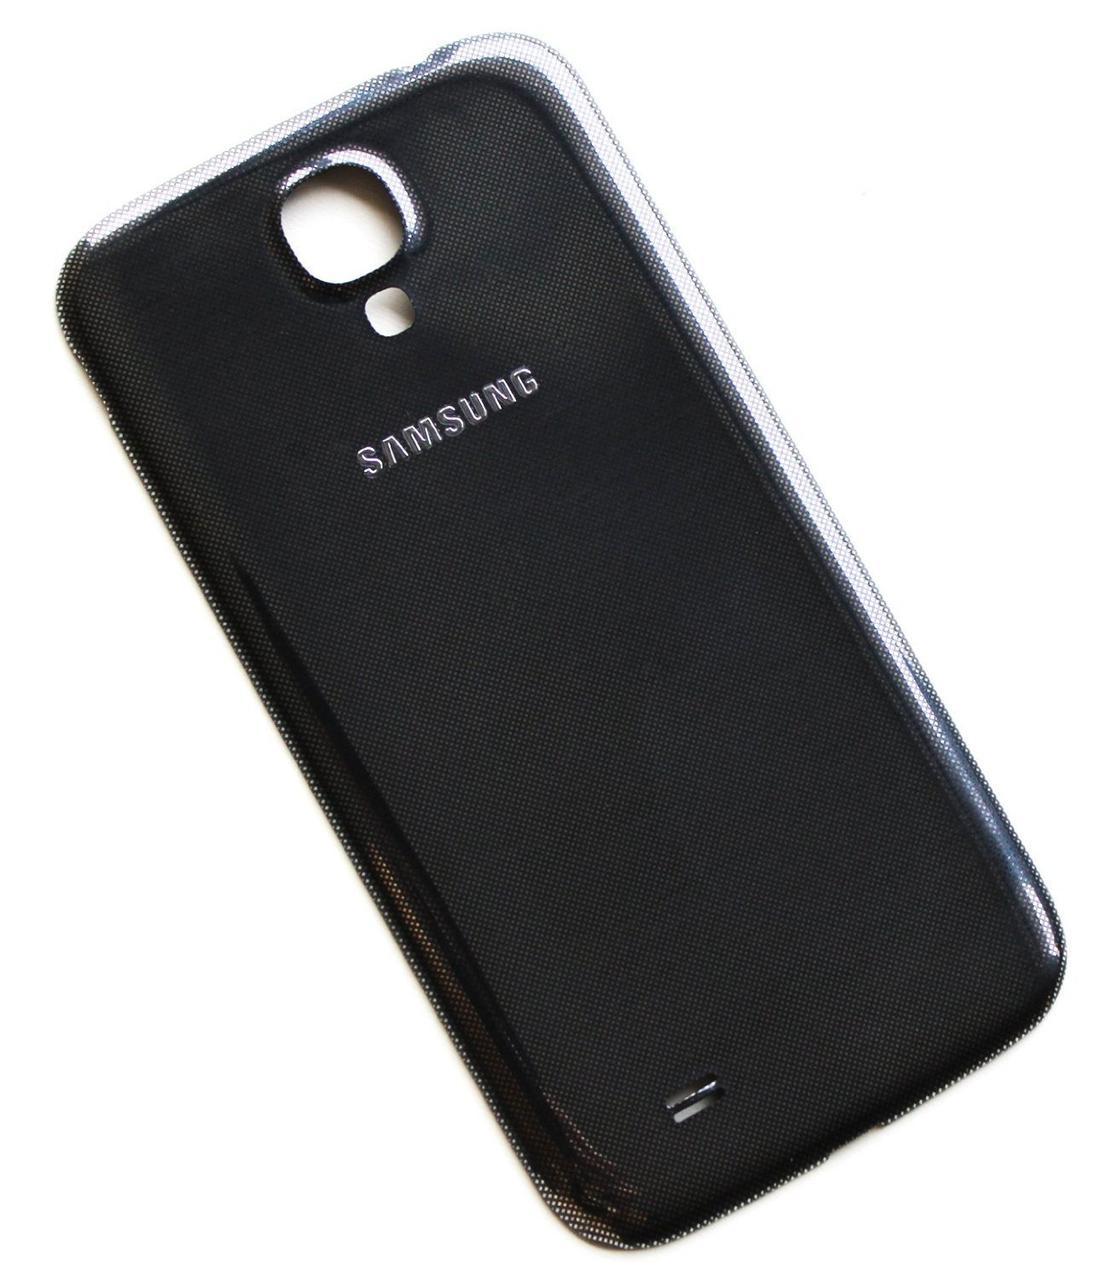 Сменная панель Epik для Samsung Galaxy S4 I9500 Black